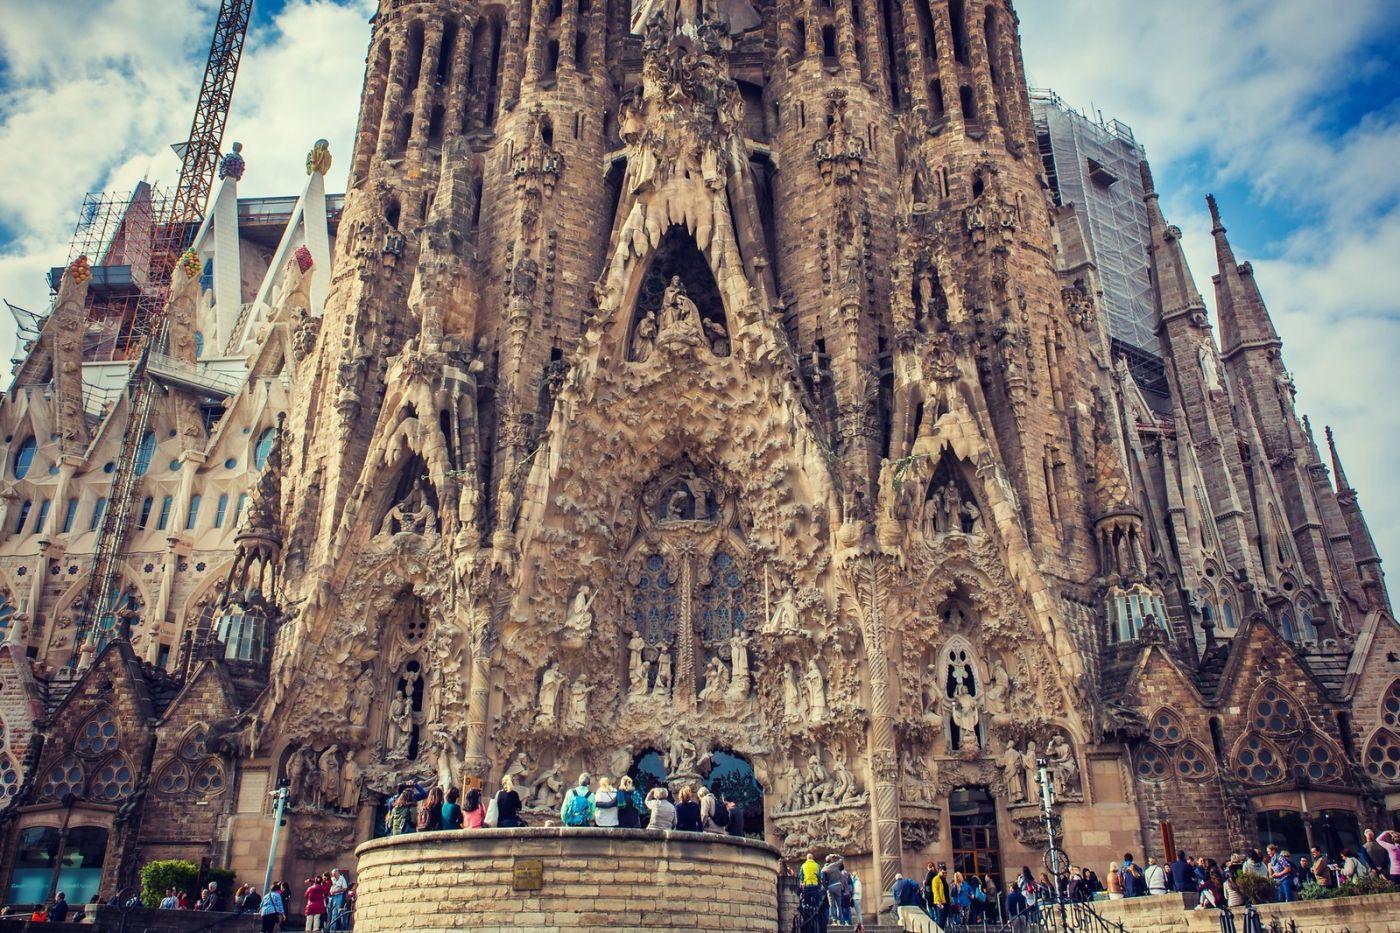 西班牙圣家堂(Sagrada Família), 上帝建筑师-高第的作品_图1-13